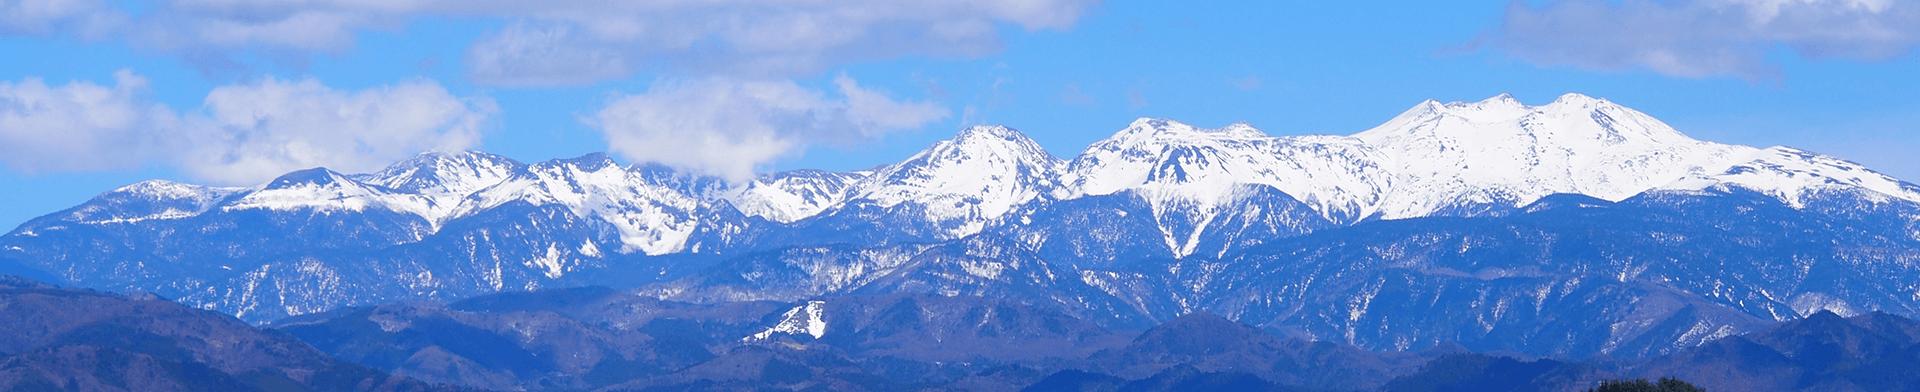 高山市街地から見た乗鞍岳